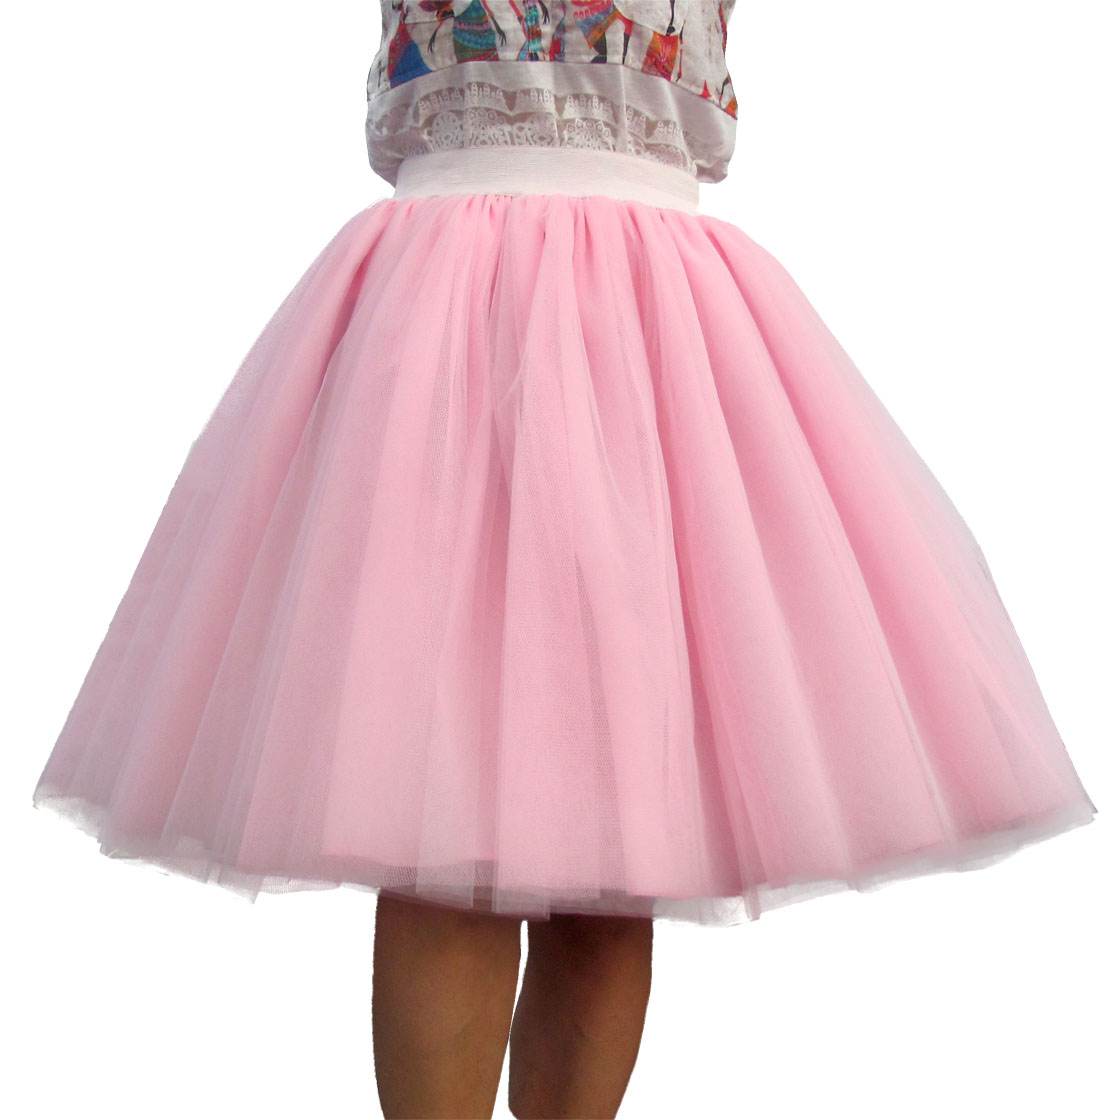 Por encargo de las mujeres falda de tul 6 capas de rosa blanco negro vestido de bola Cintura alta falda Midi longitud de la rodilla Más tamaño faldas tutu